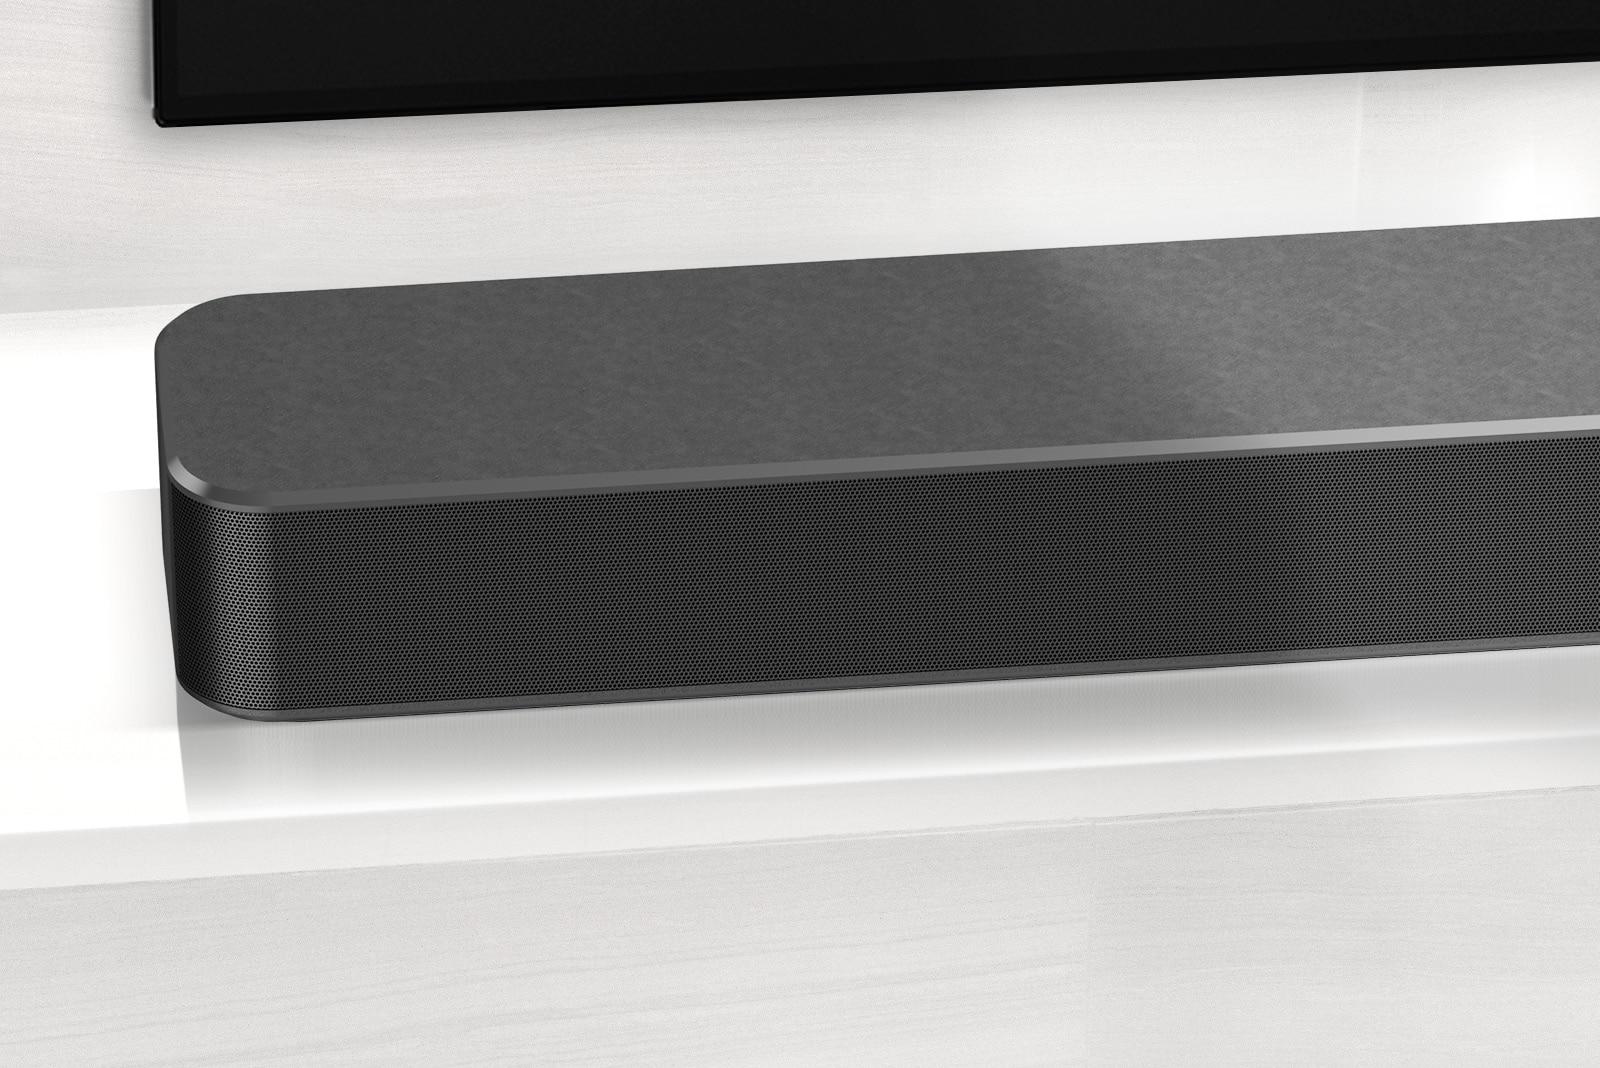 Primer plano de la esquina izquierda de LG Soundbar. La parte inferior izquierda del televisor también es visible.